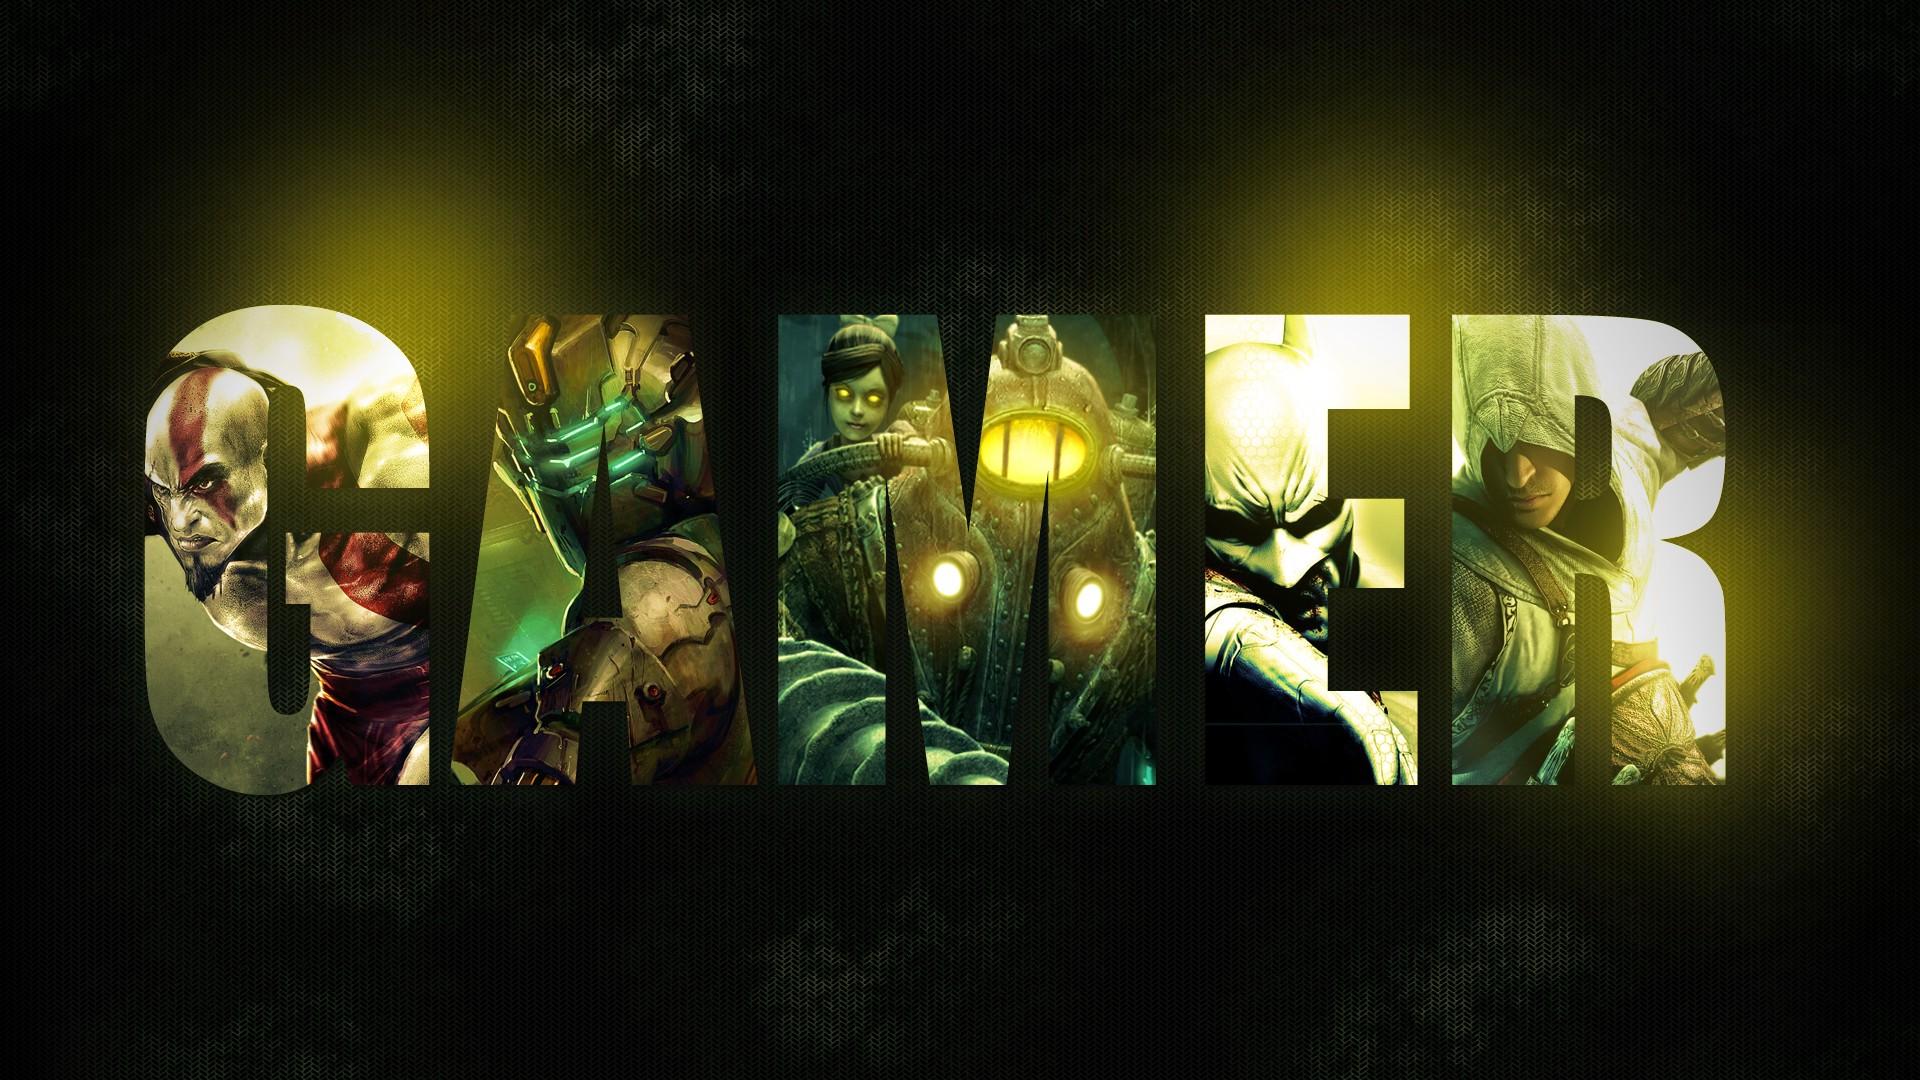 Wallpaper Pc Gamer Noir Jaune Vert Jeux Video Info